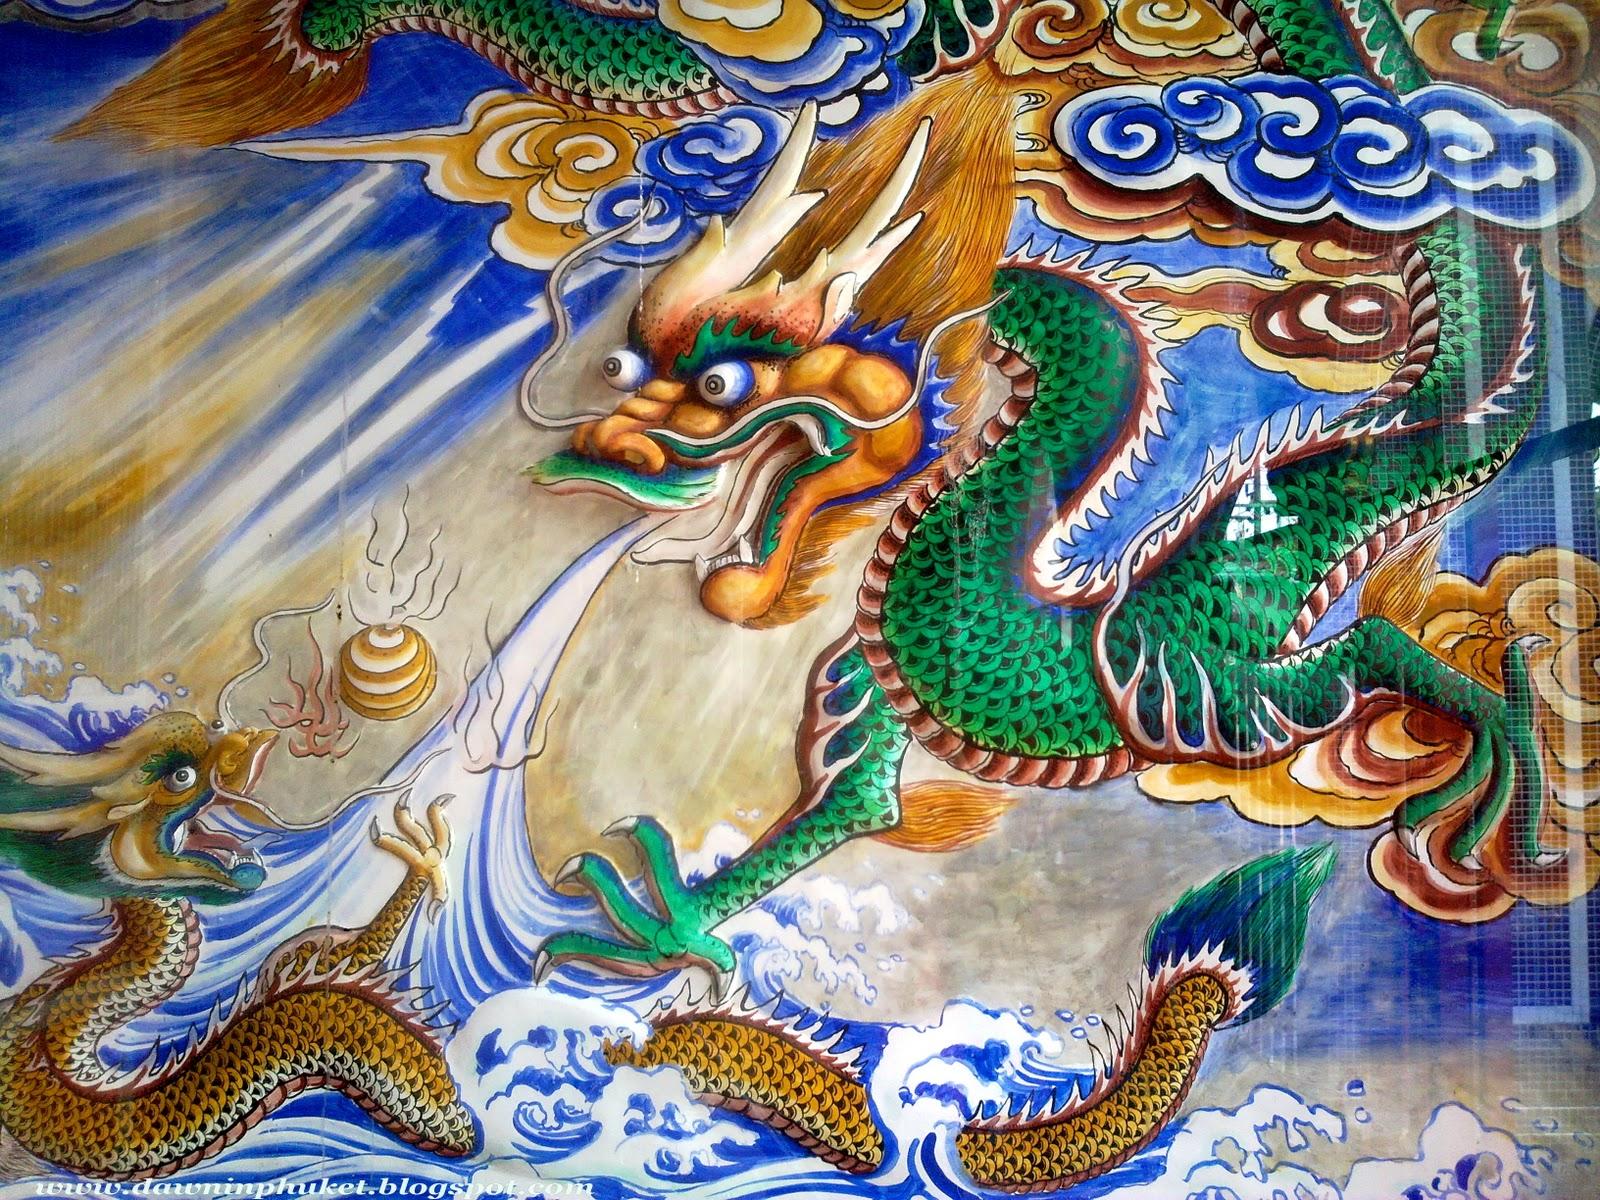 http://2.bp.blogspot.com/-jqcm256evLE/TxmJgU13NLI/AAAAAAAAESM/t9_Q1NsjHy0/s1600/Sarn+Jao+Mae+Ya+Nang+3+The+Sea+Dragon.jpg